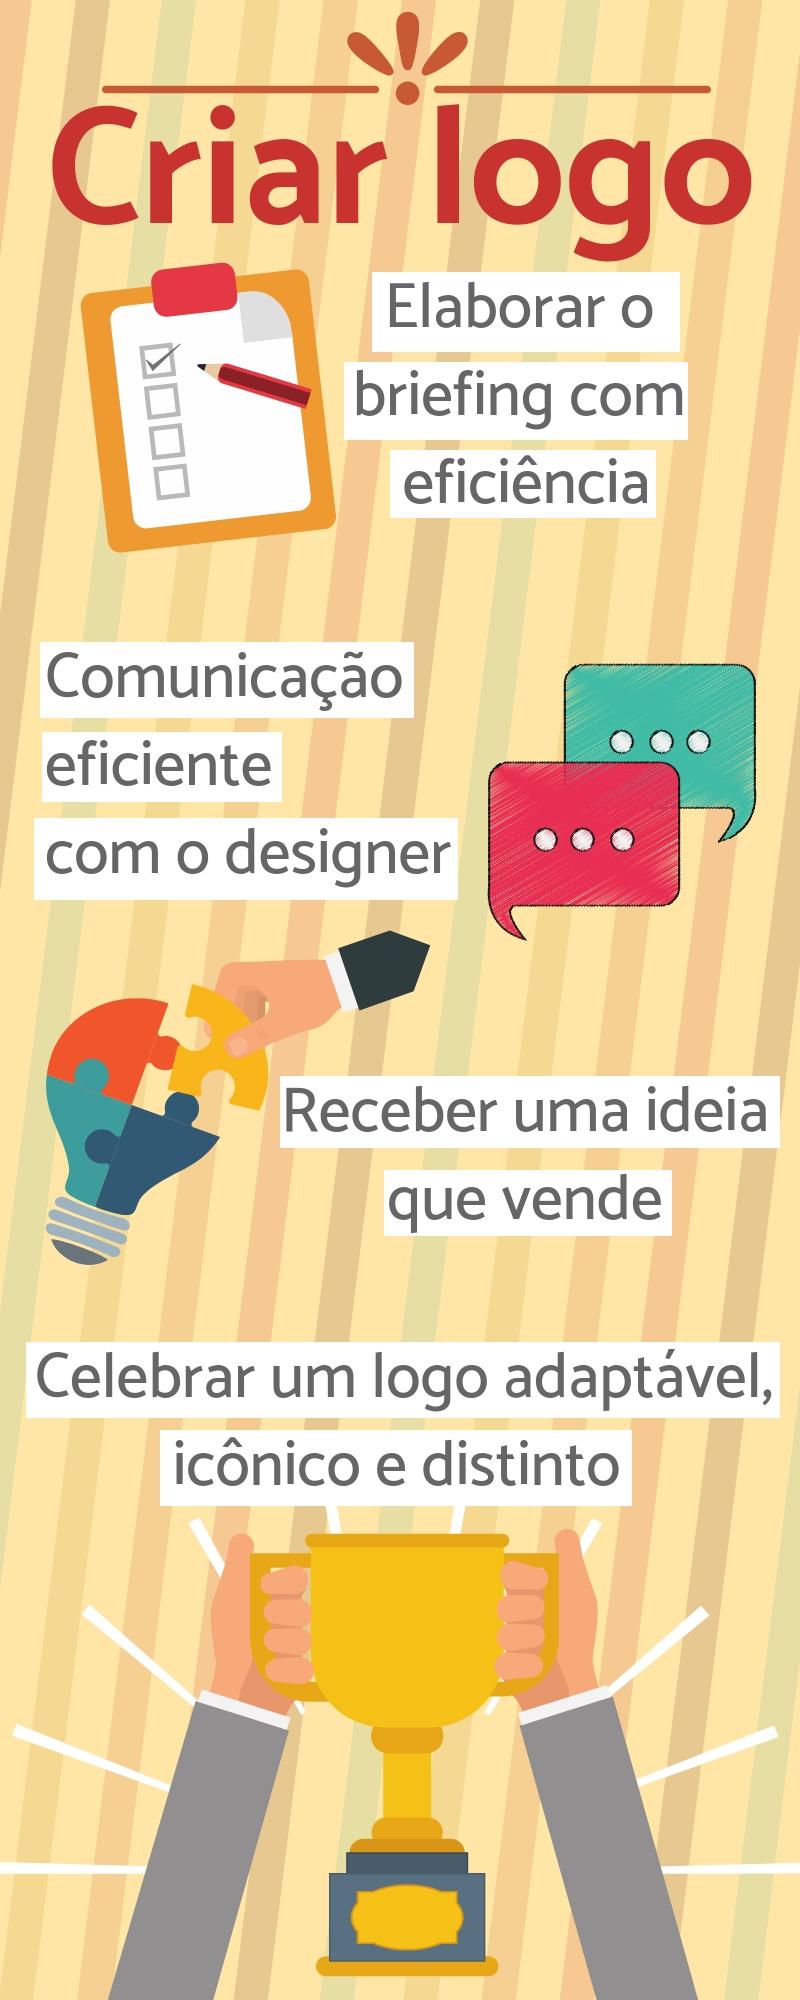 Criar logo infográfico